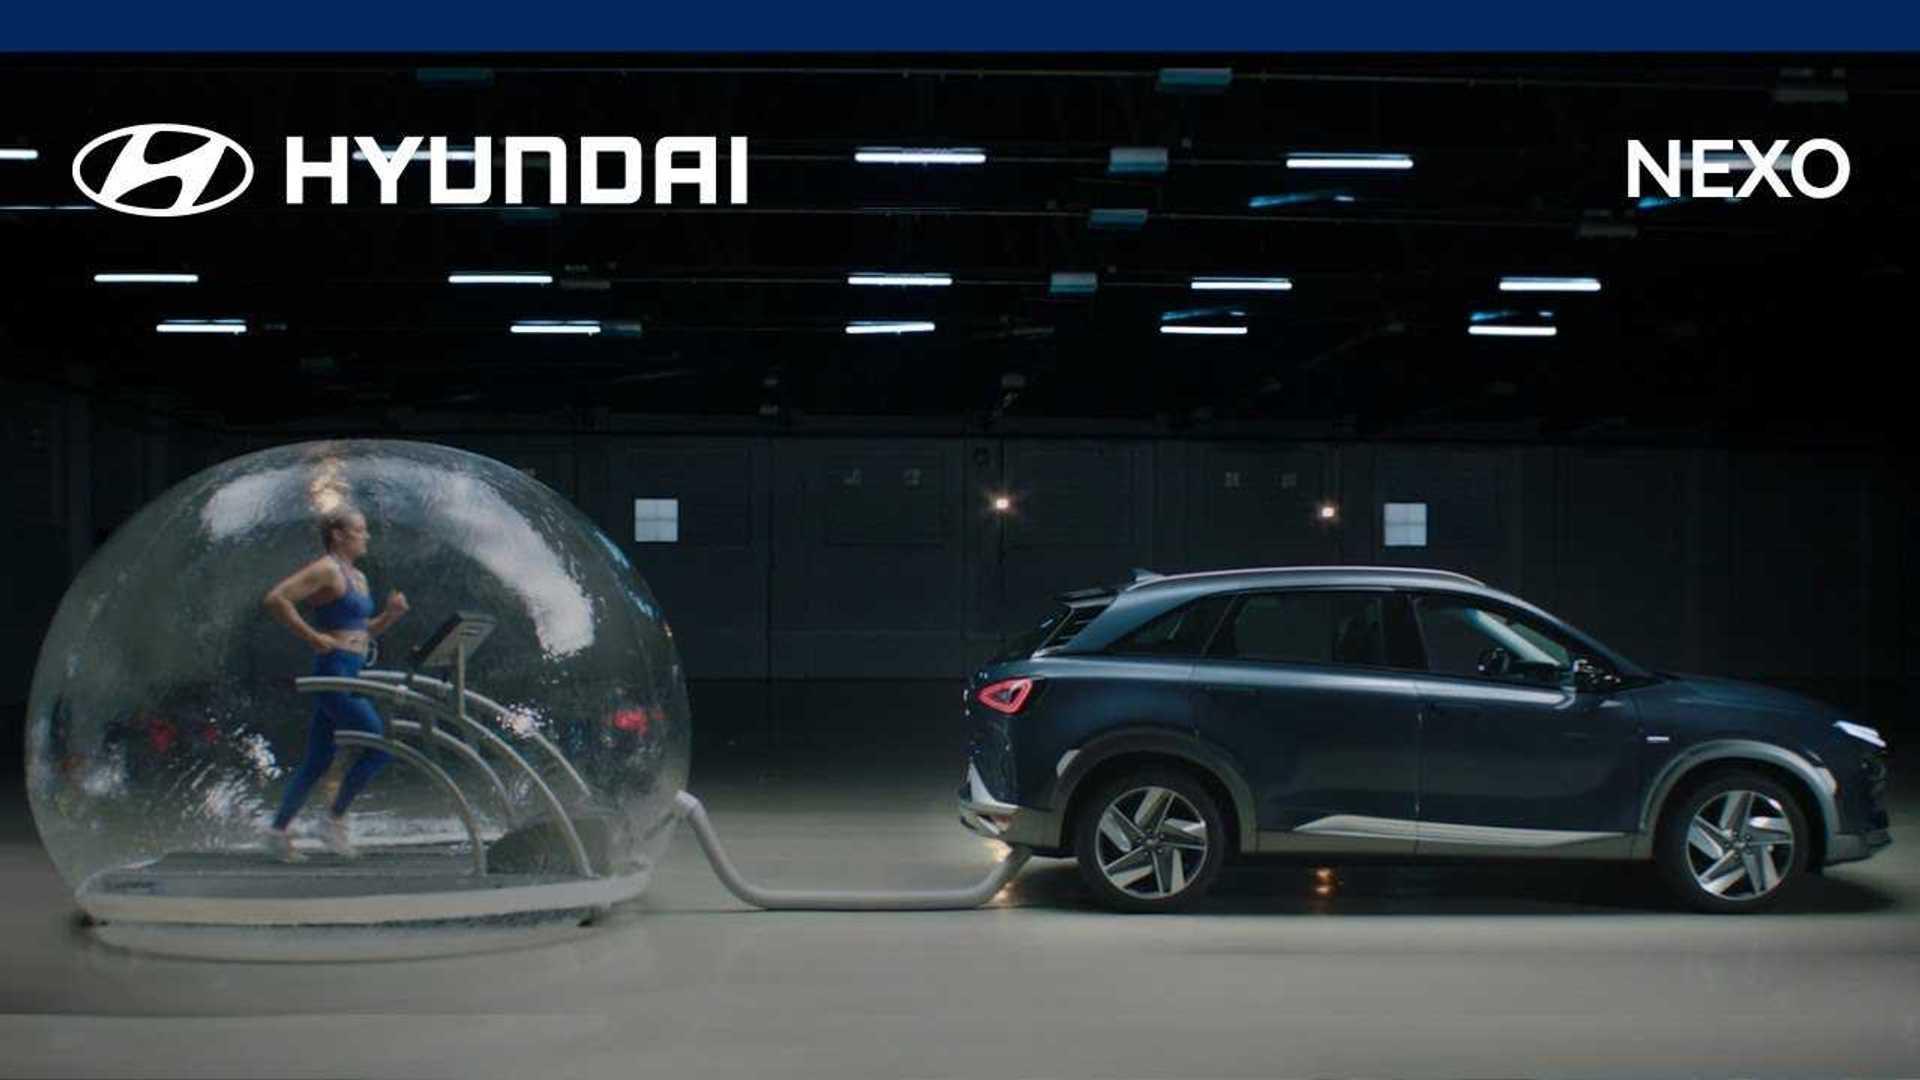 Une athlète s'entraîne en respirant les rejets du Hyundai Nexo